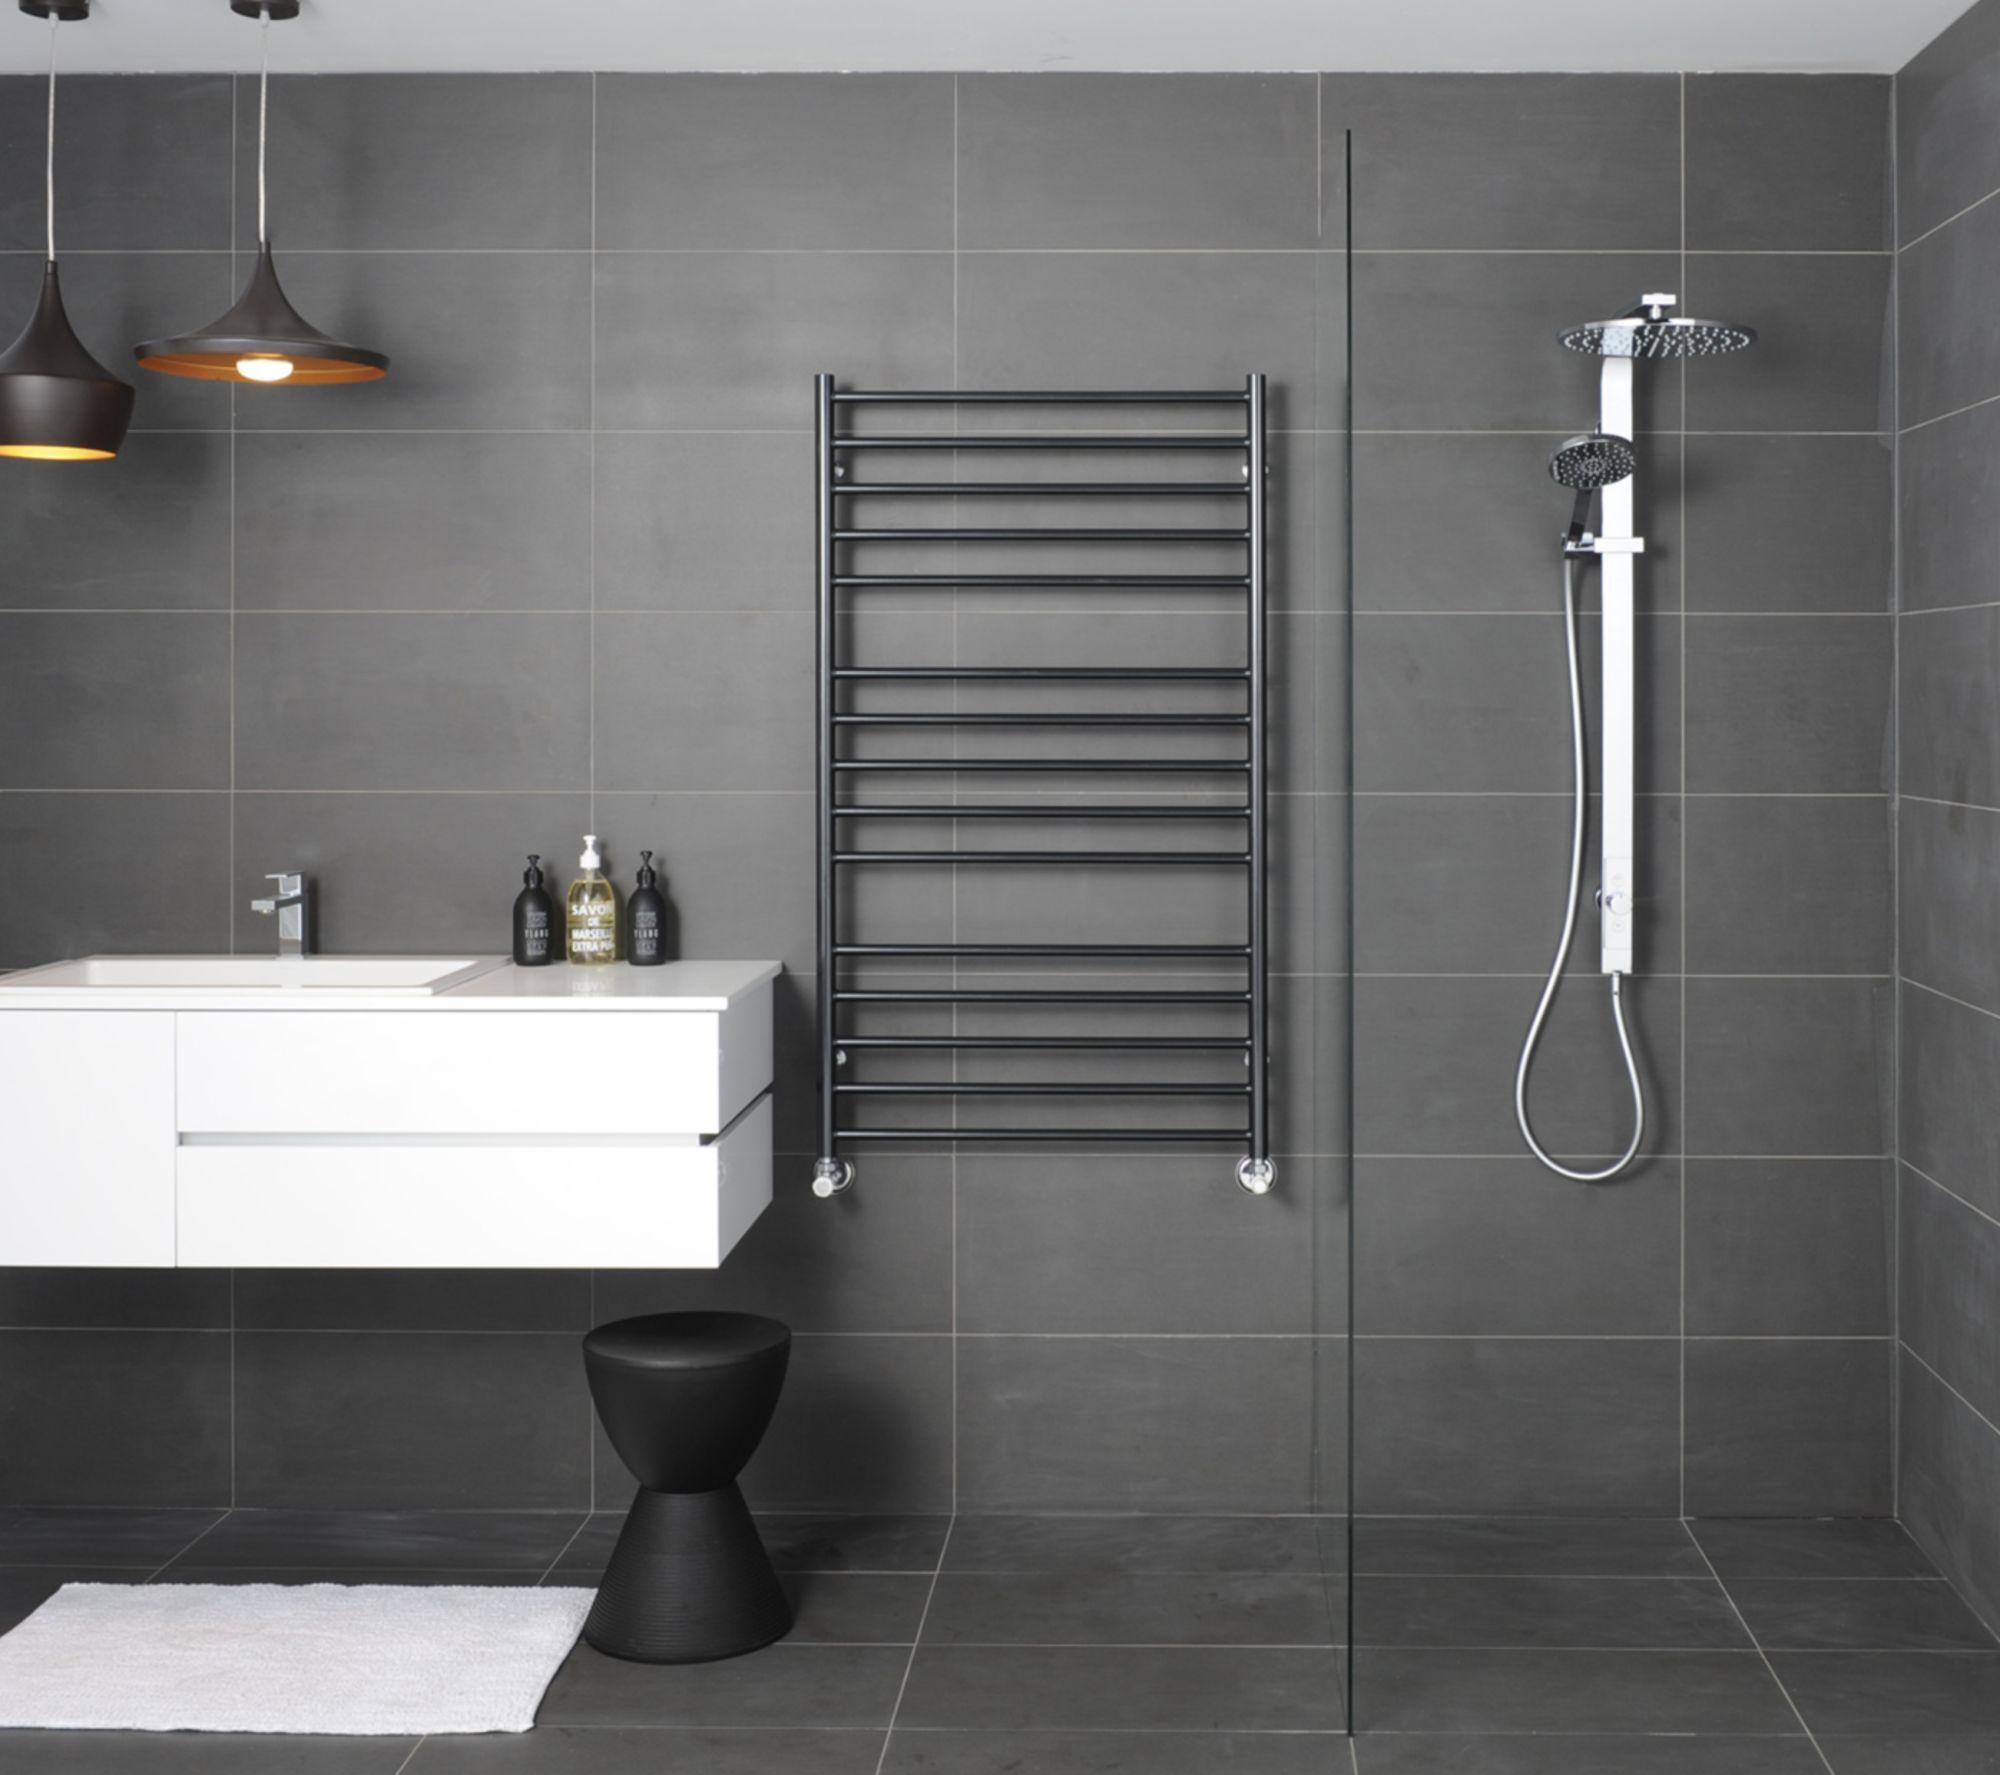 06-water-heated-towel-rack